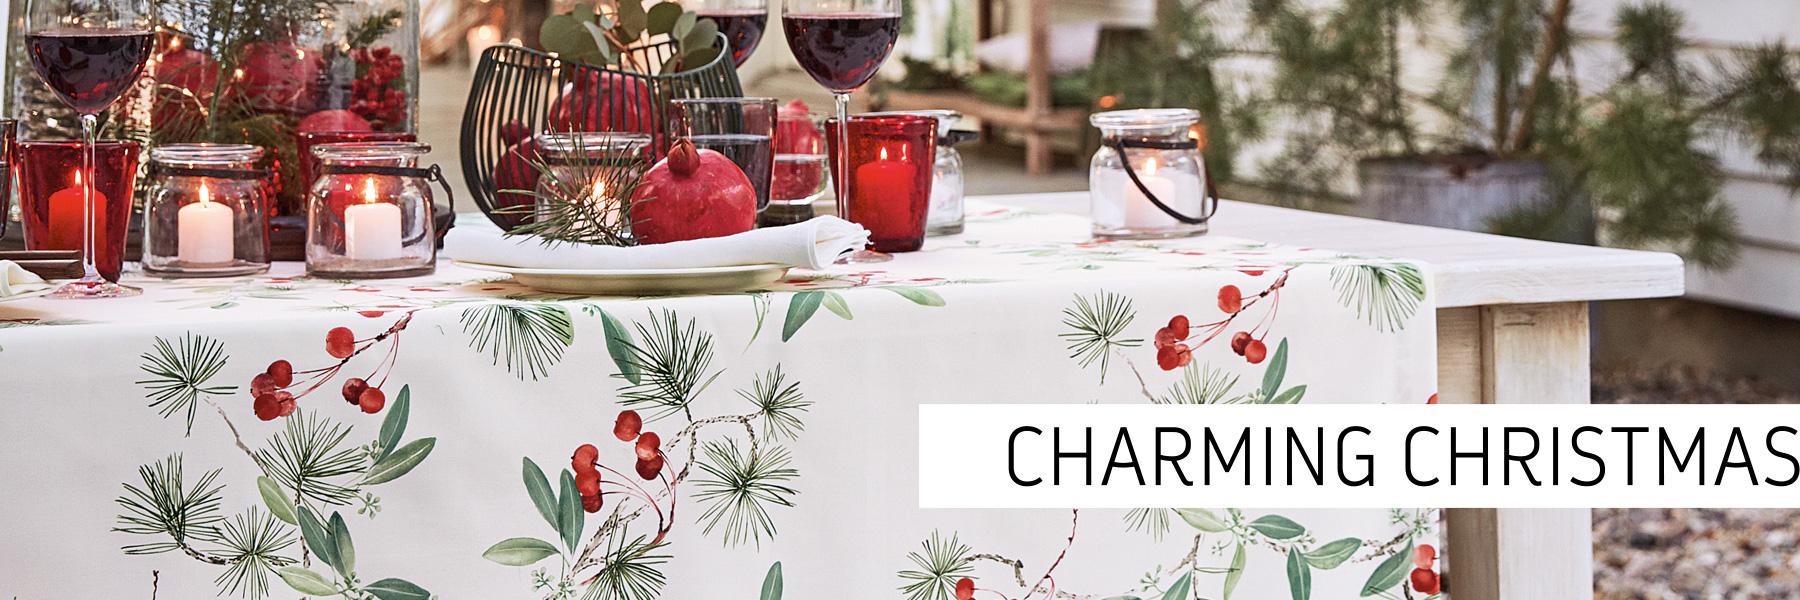 Proflax Charming christmas